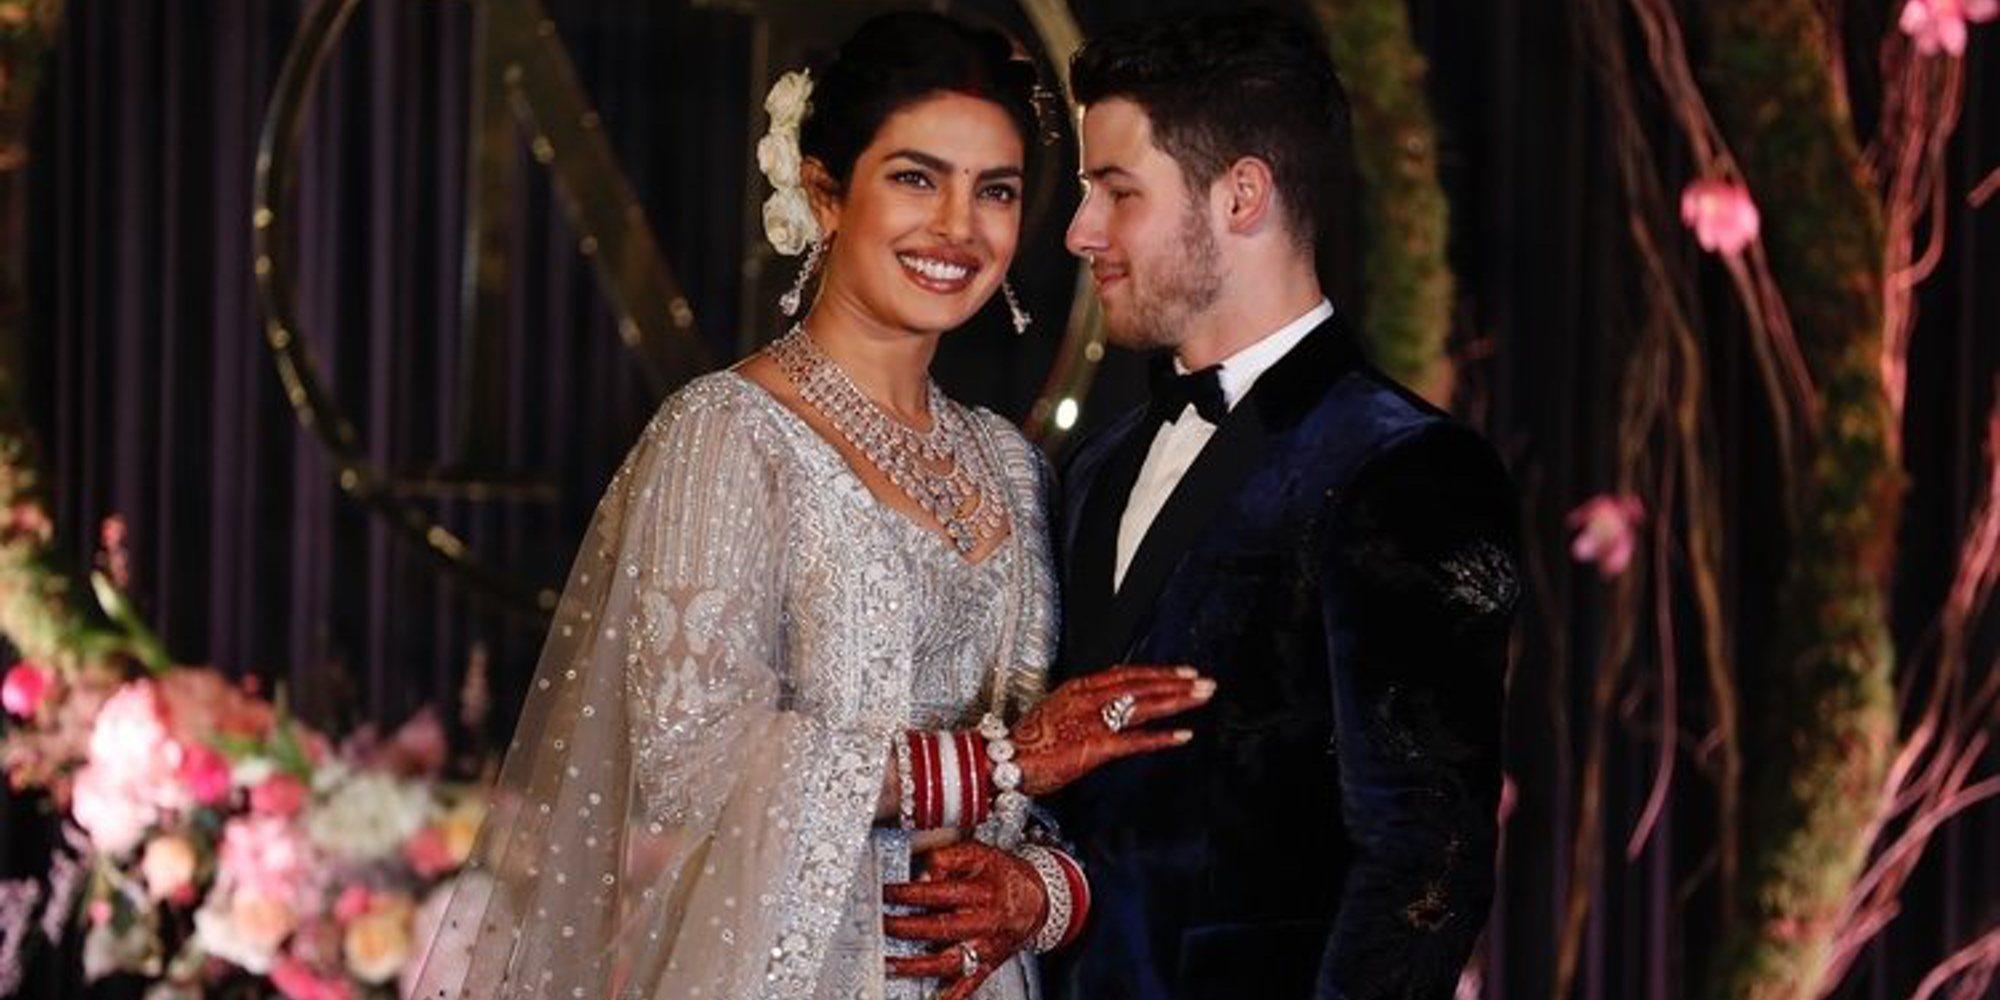 La curiosa respuesta de Priyanka Chopra cuando Nick Jonas le pidió matrimonio